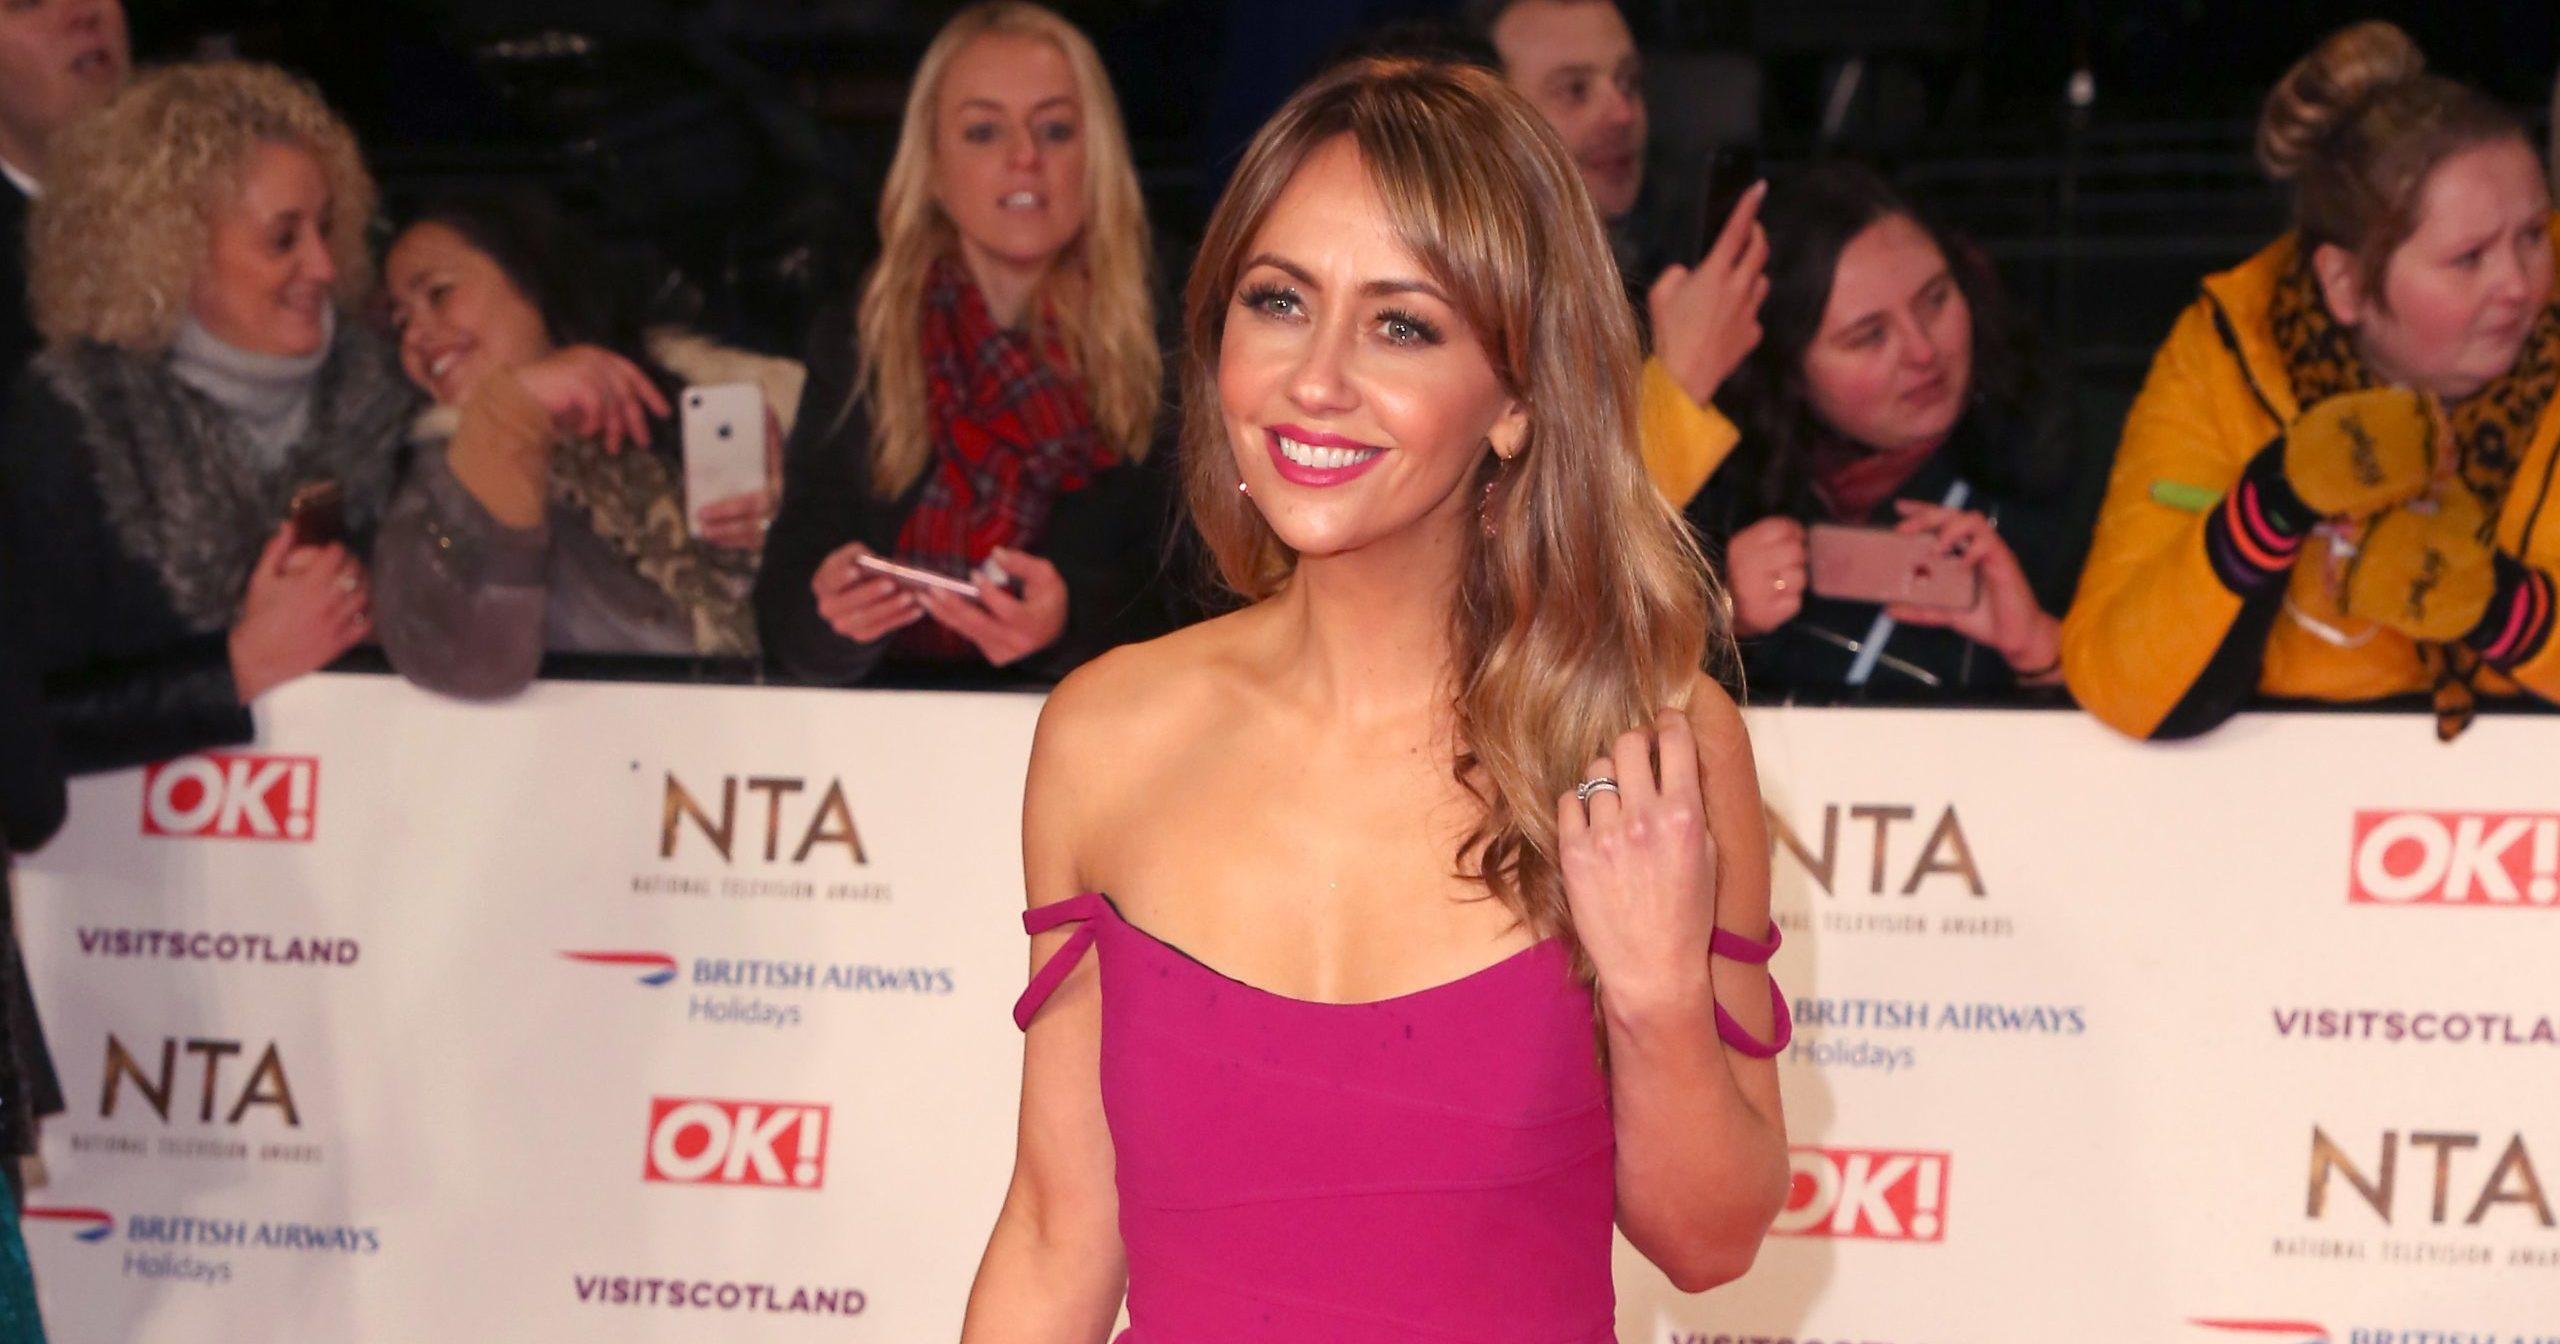 Coronation Street's Samia Longchambon celebrates 20 years on soap sharing Maria's highlights